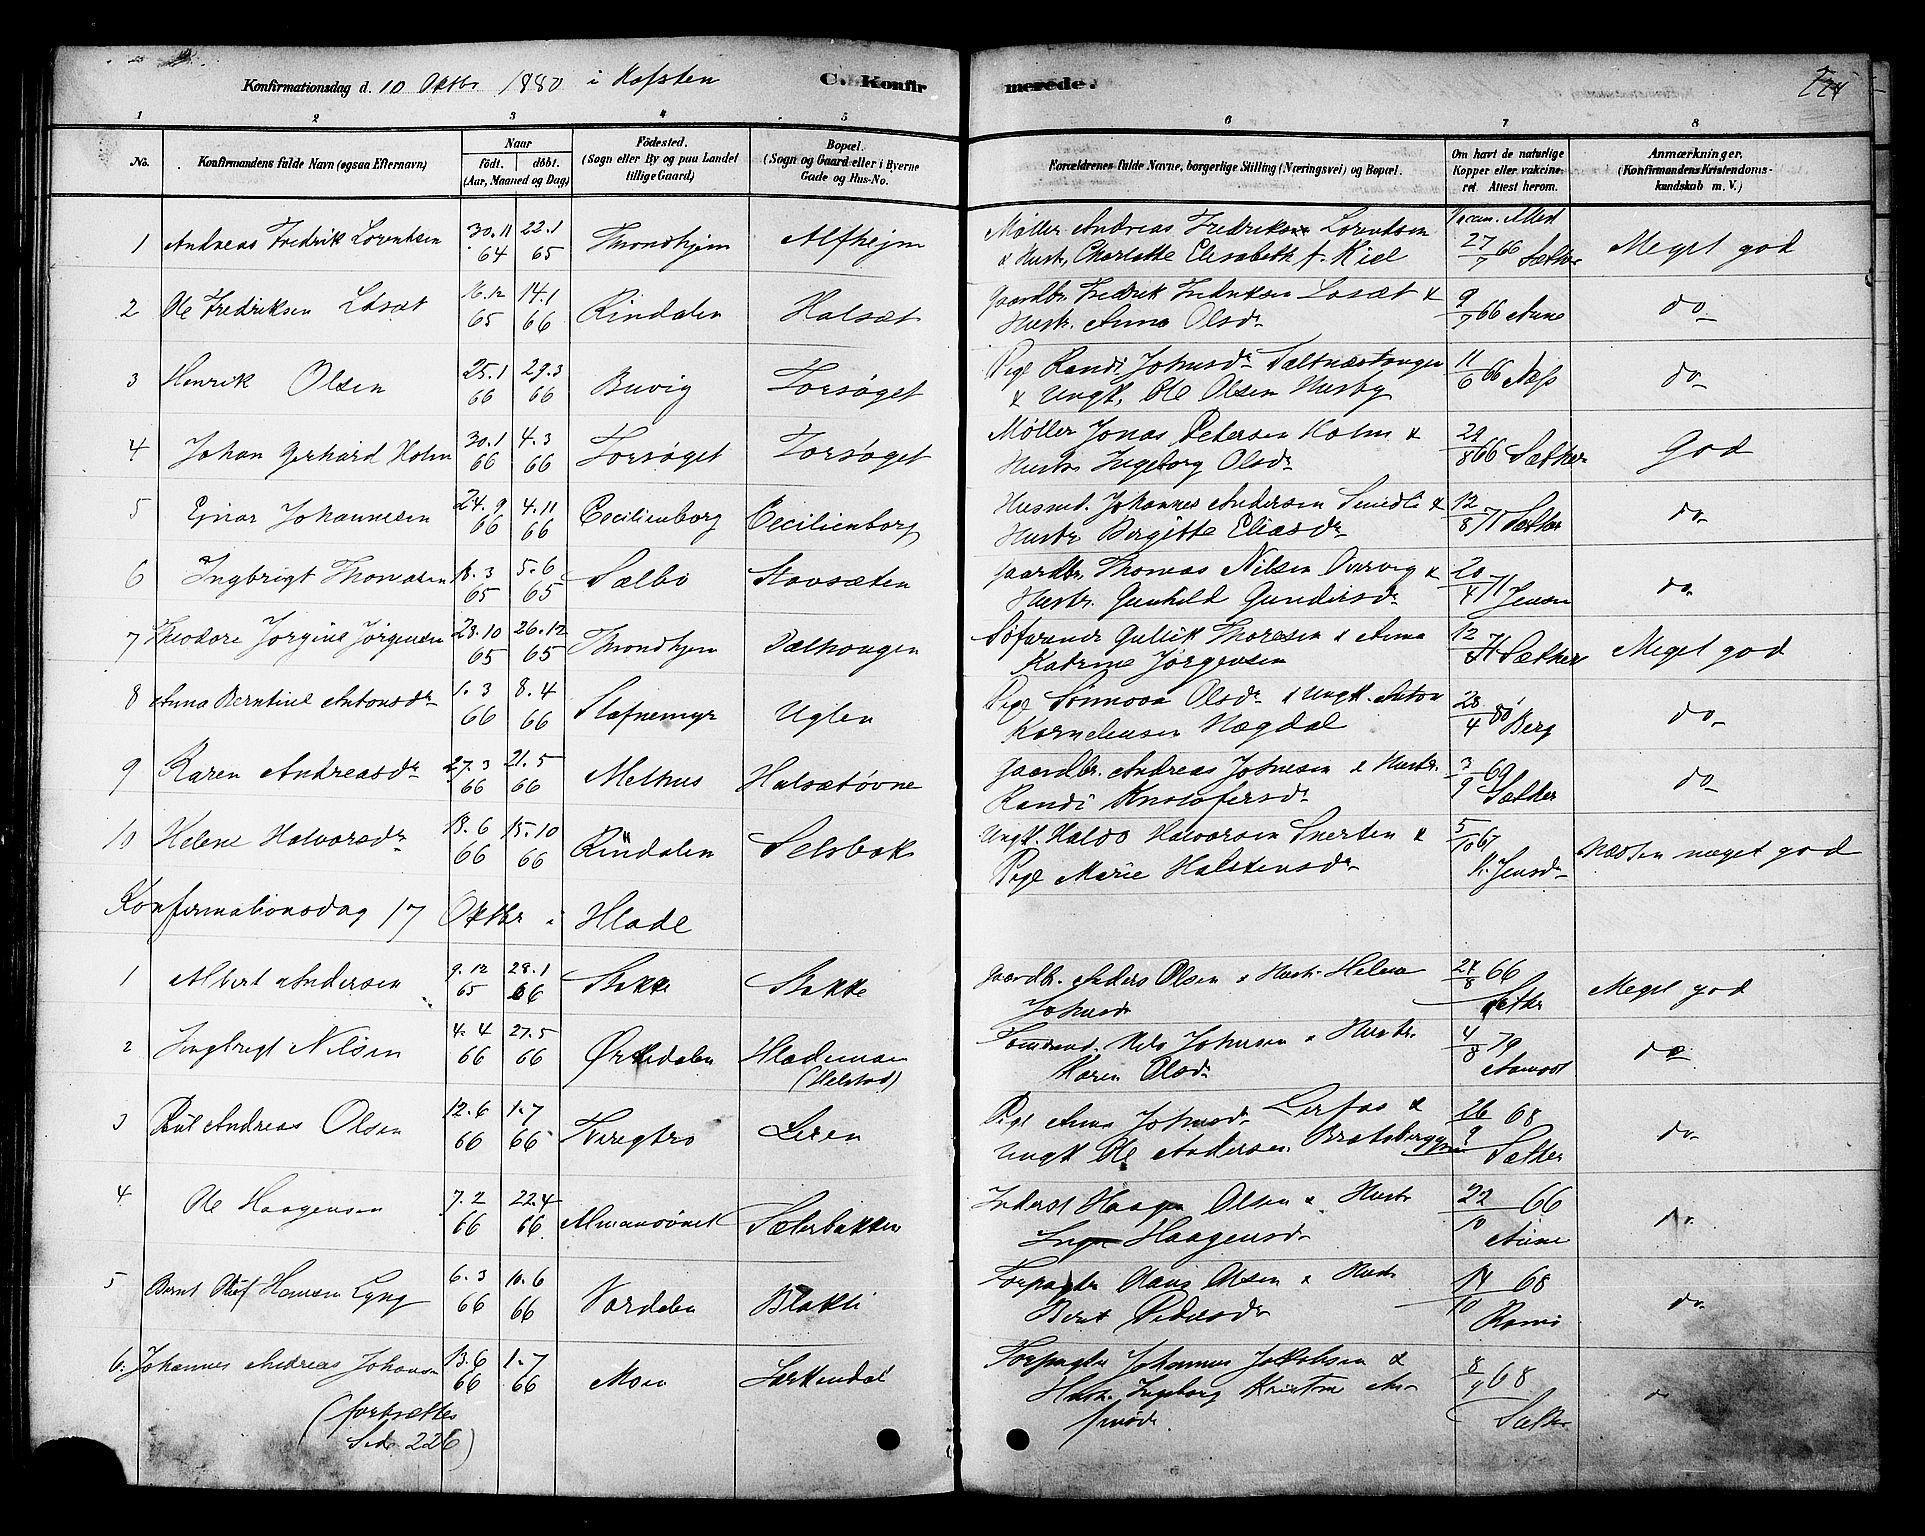 SAT, Ministerialprotokoller, klokkerbøker og fødselsregistre - Sør-Trøndelag, 606/L0294: Ministerialbok nr. 606A09, 1878-1886, s. 224